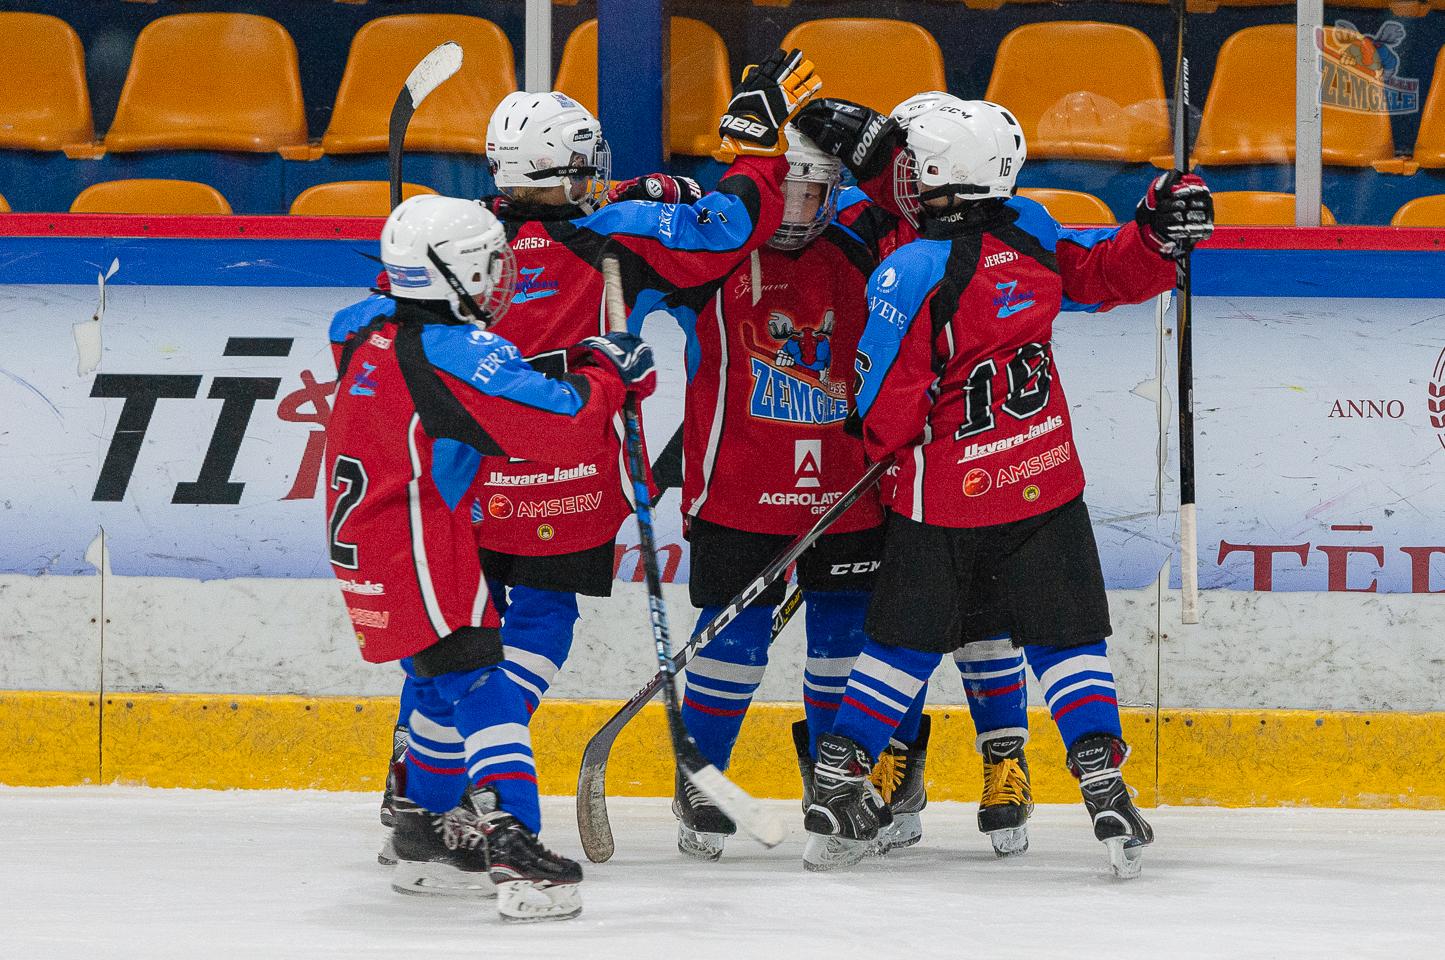 Jelgavas hokeja skola JLSS U11 A - Liepāja SSS 2010 LBJČH 13102019-08